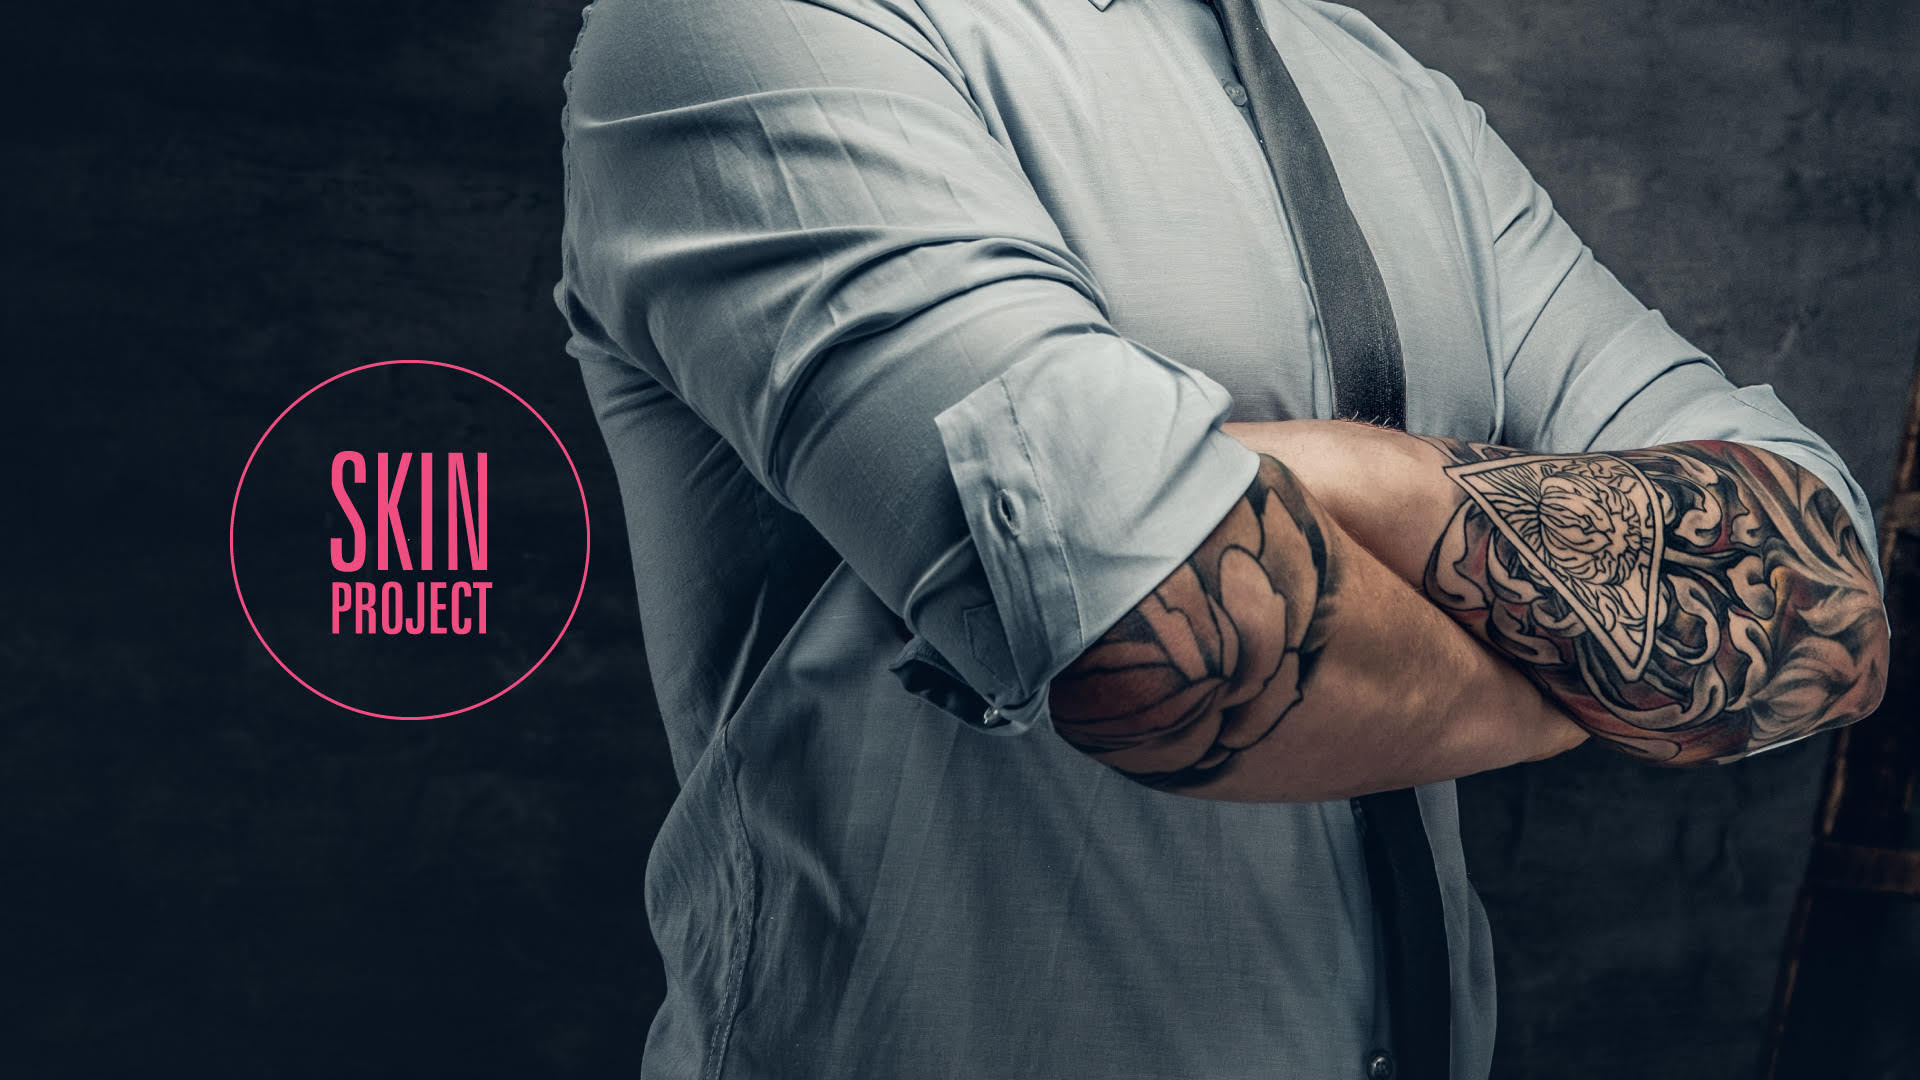 Zapomnij o rutynie – czas na nowoczesną pielęgnację tatuażu ze SkinProject!